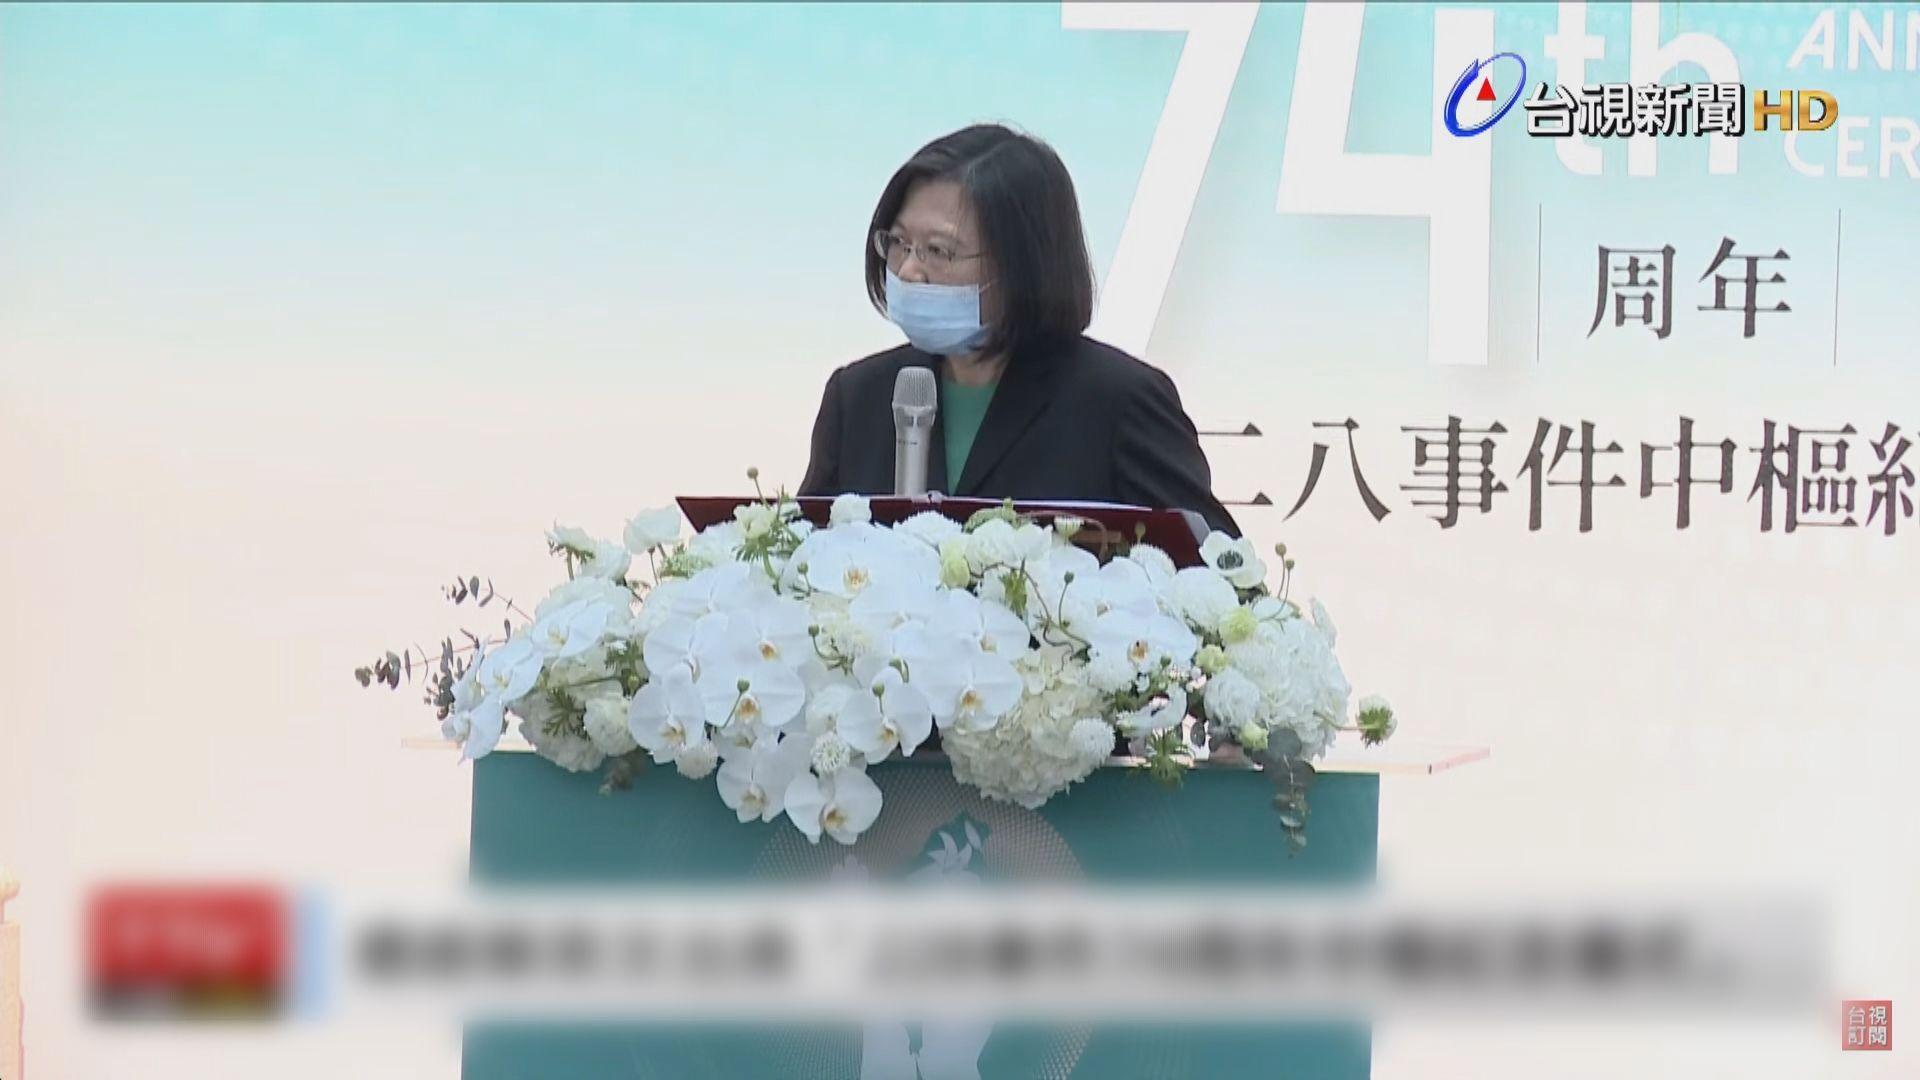 蔡英文南下高雄出席228事件紀念活動